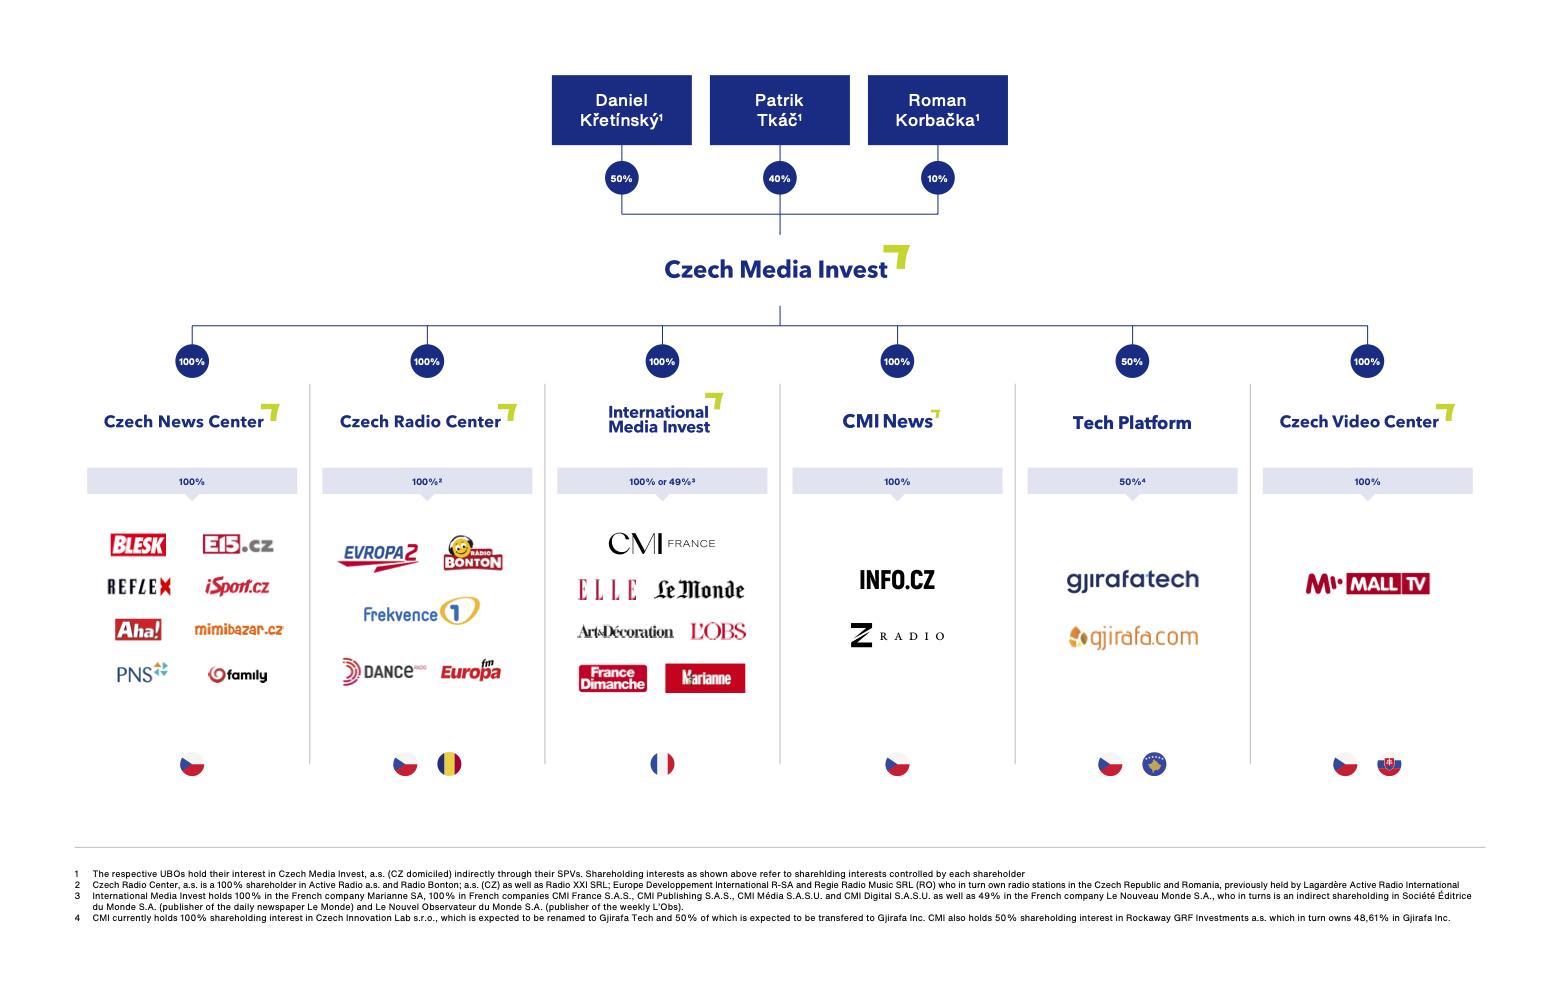 Struktura mediálního holdingu Czech Media Invest. Kliknutím zvětšíte